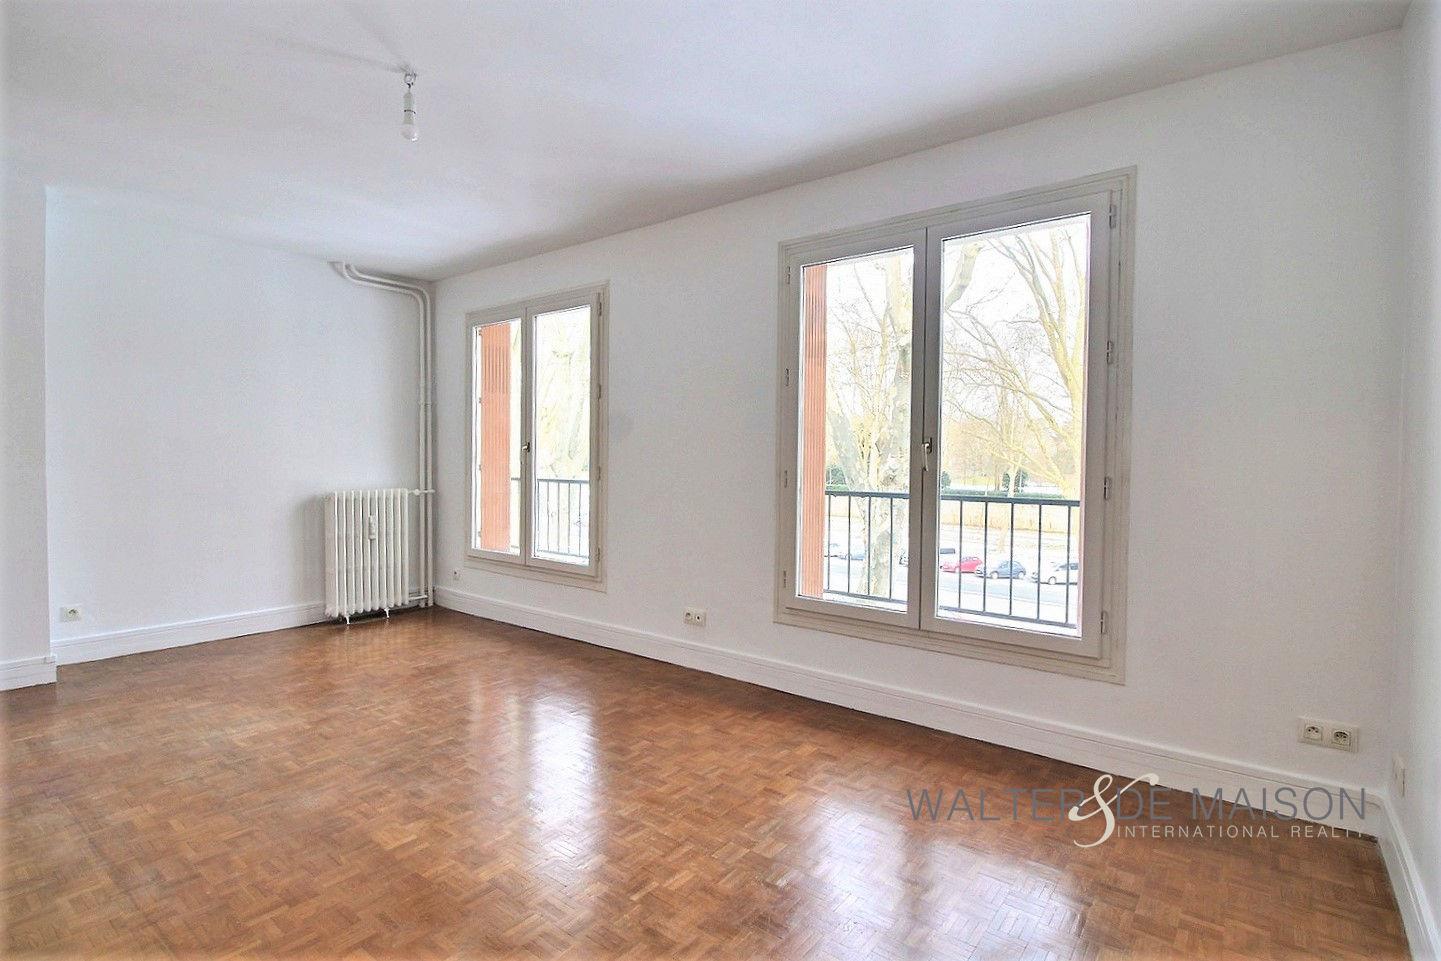 Appartement 2 pièce(s) 37 m²                         78000 VERSAILLES